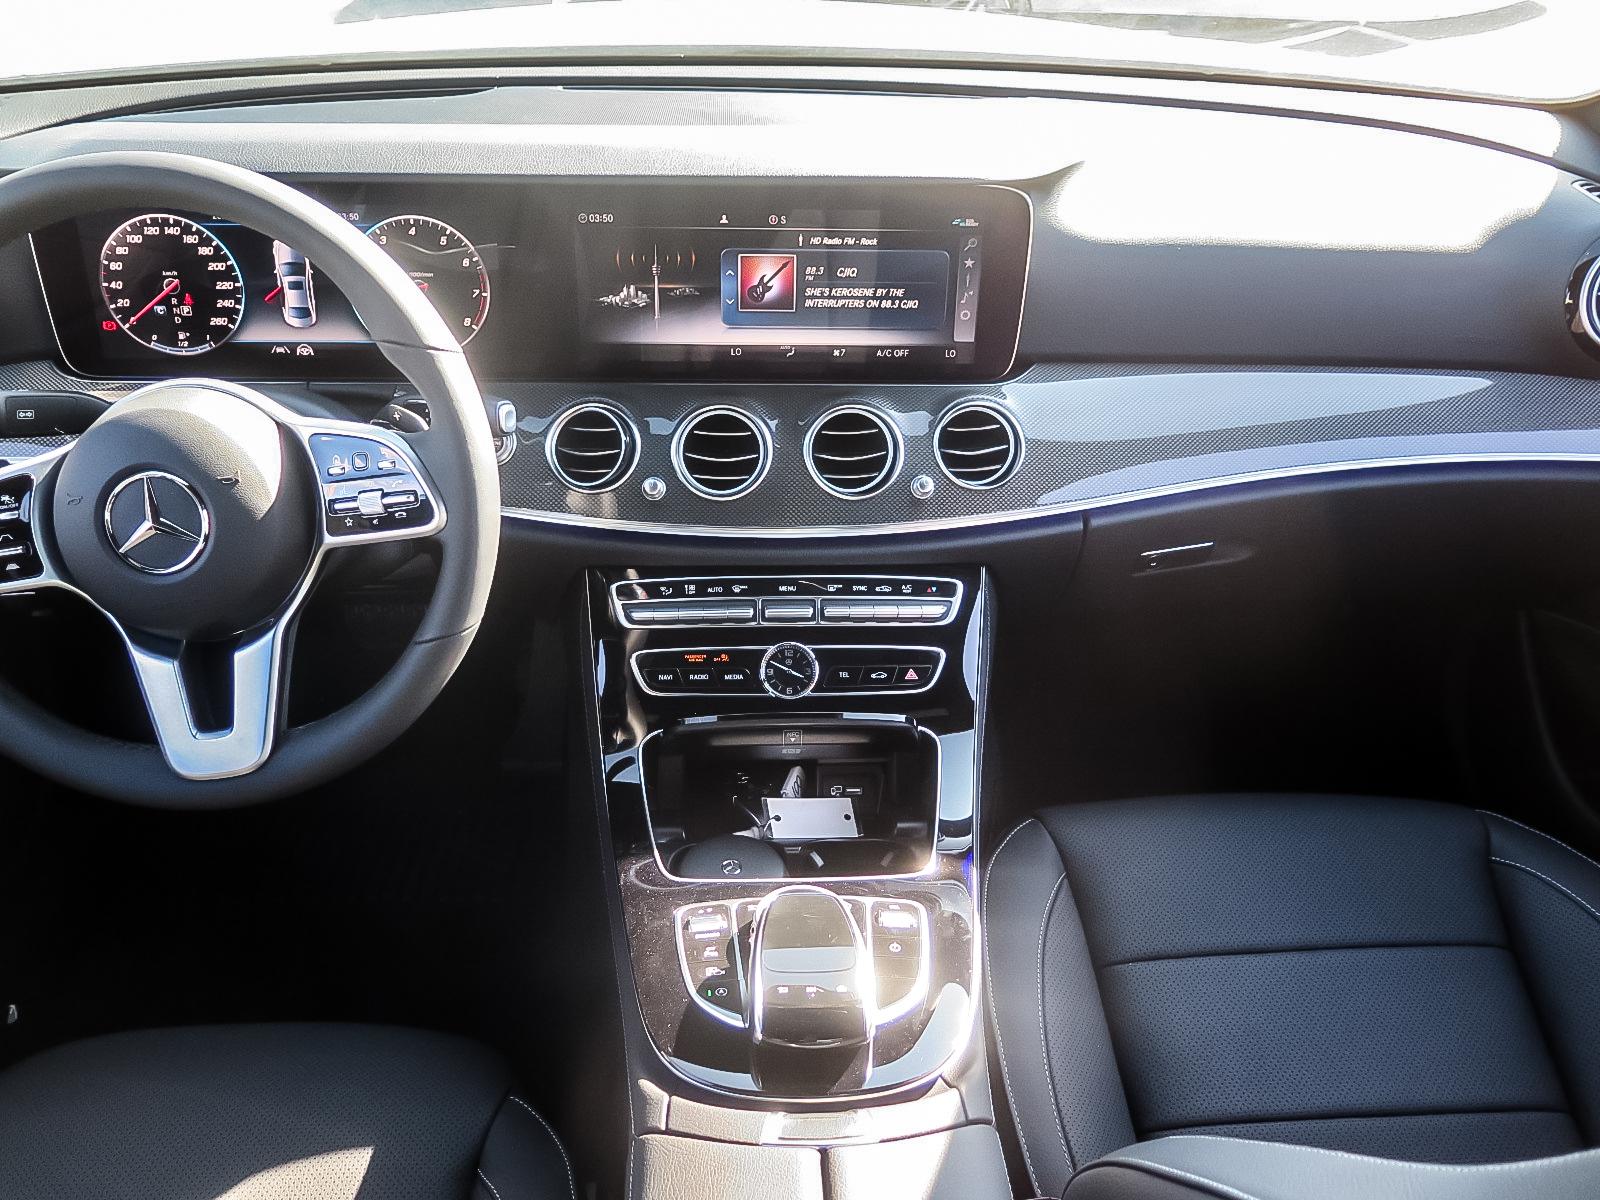 New 2020 Mercedes-Benz E450 4MATIC Sedan